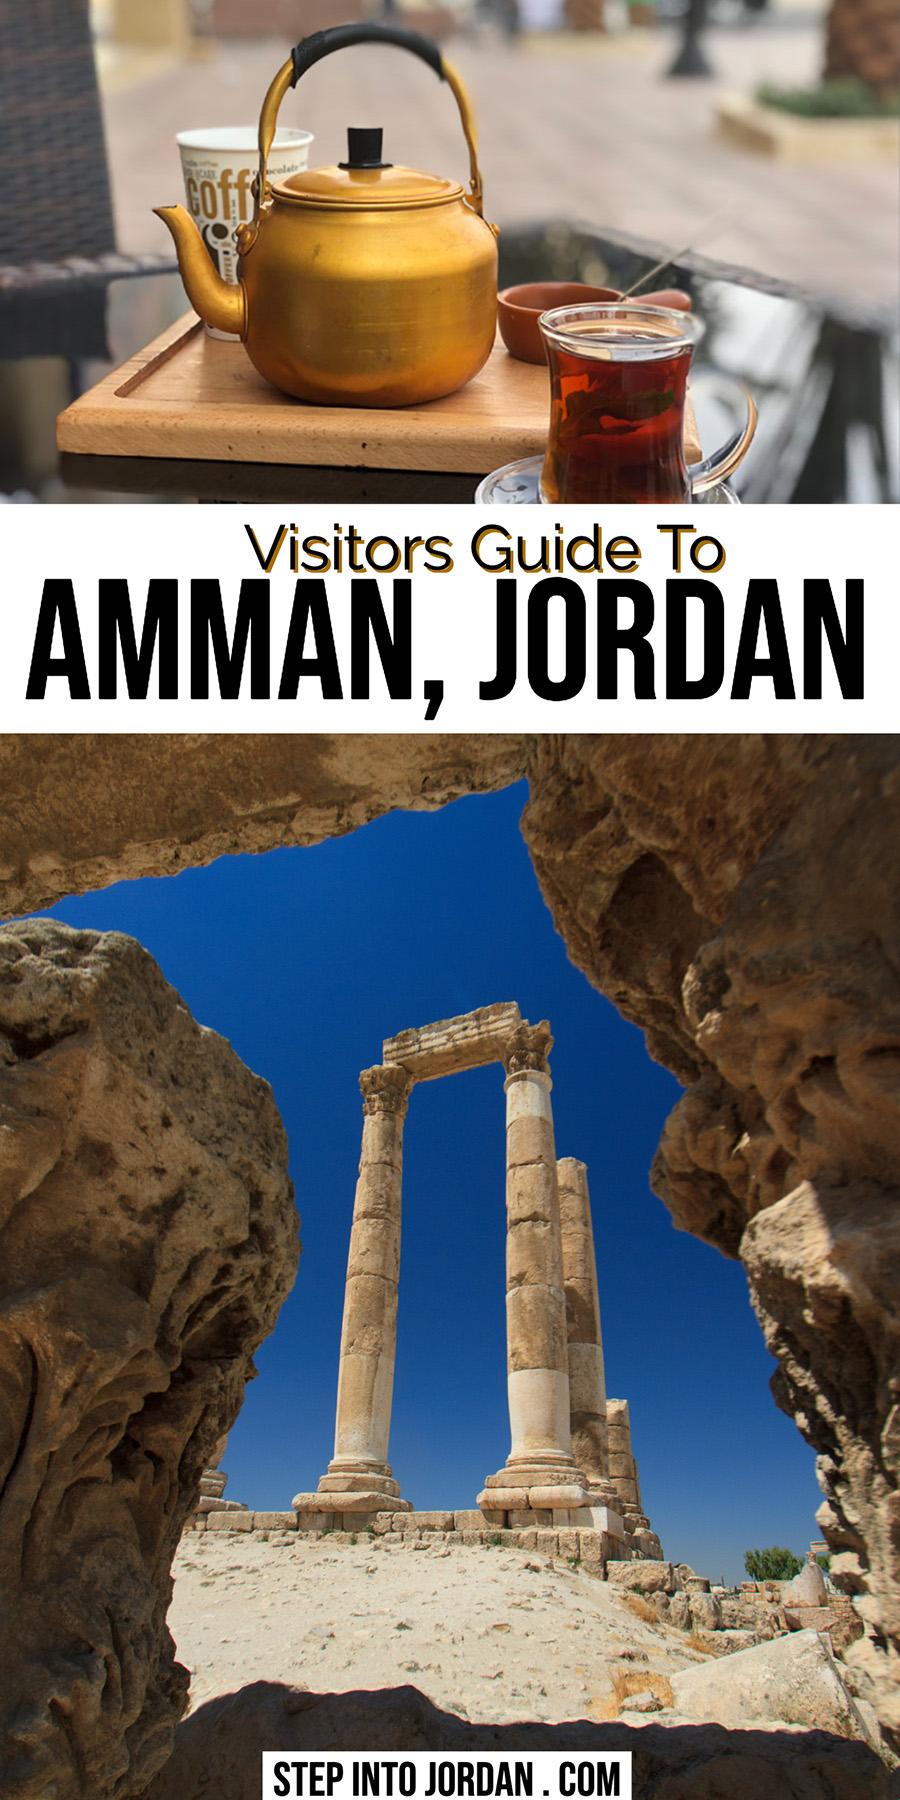 Visit Amman Guide